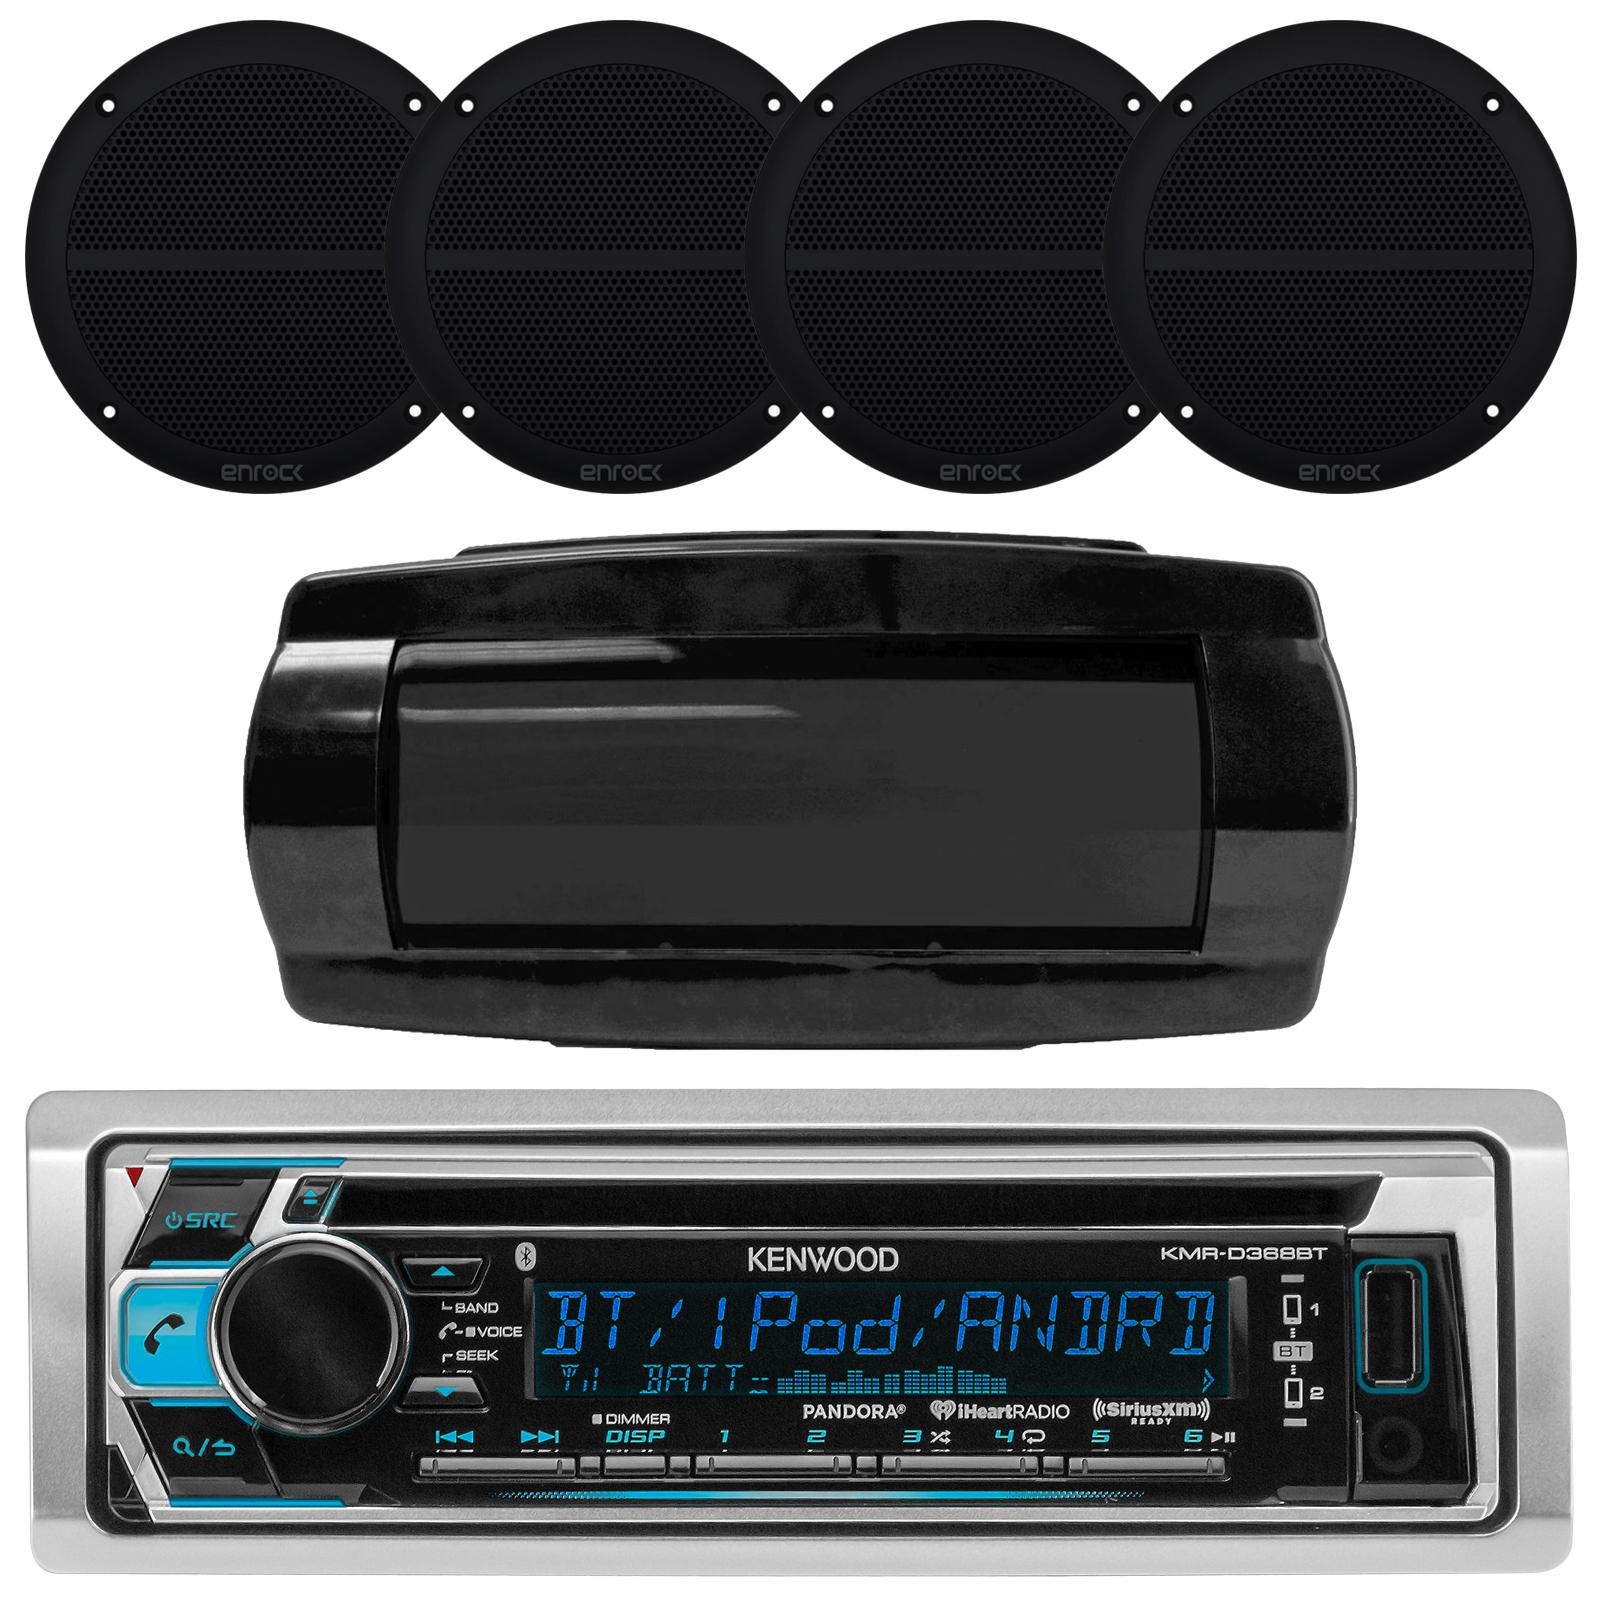 """Kenwood KMRD372BT Single DIN Bluetooth In-Dash CD/AM/FM/Digital Media Marine Stereo Receiver, Enrock Marine EM602B Black Dual 6.5"""" Inch Full Range Speakers 250 Watts Peak (Pair), In-Dash Radio Cover"""